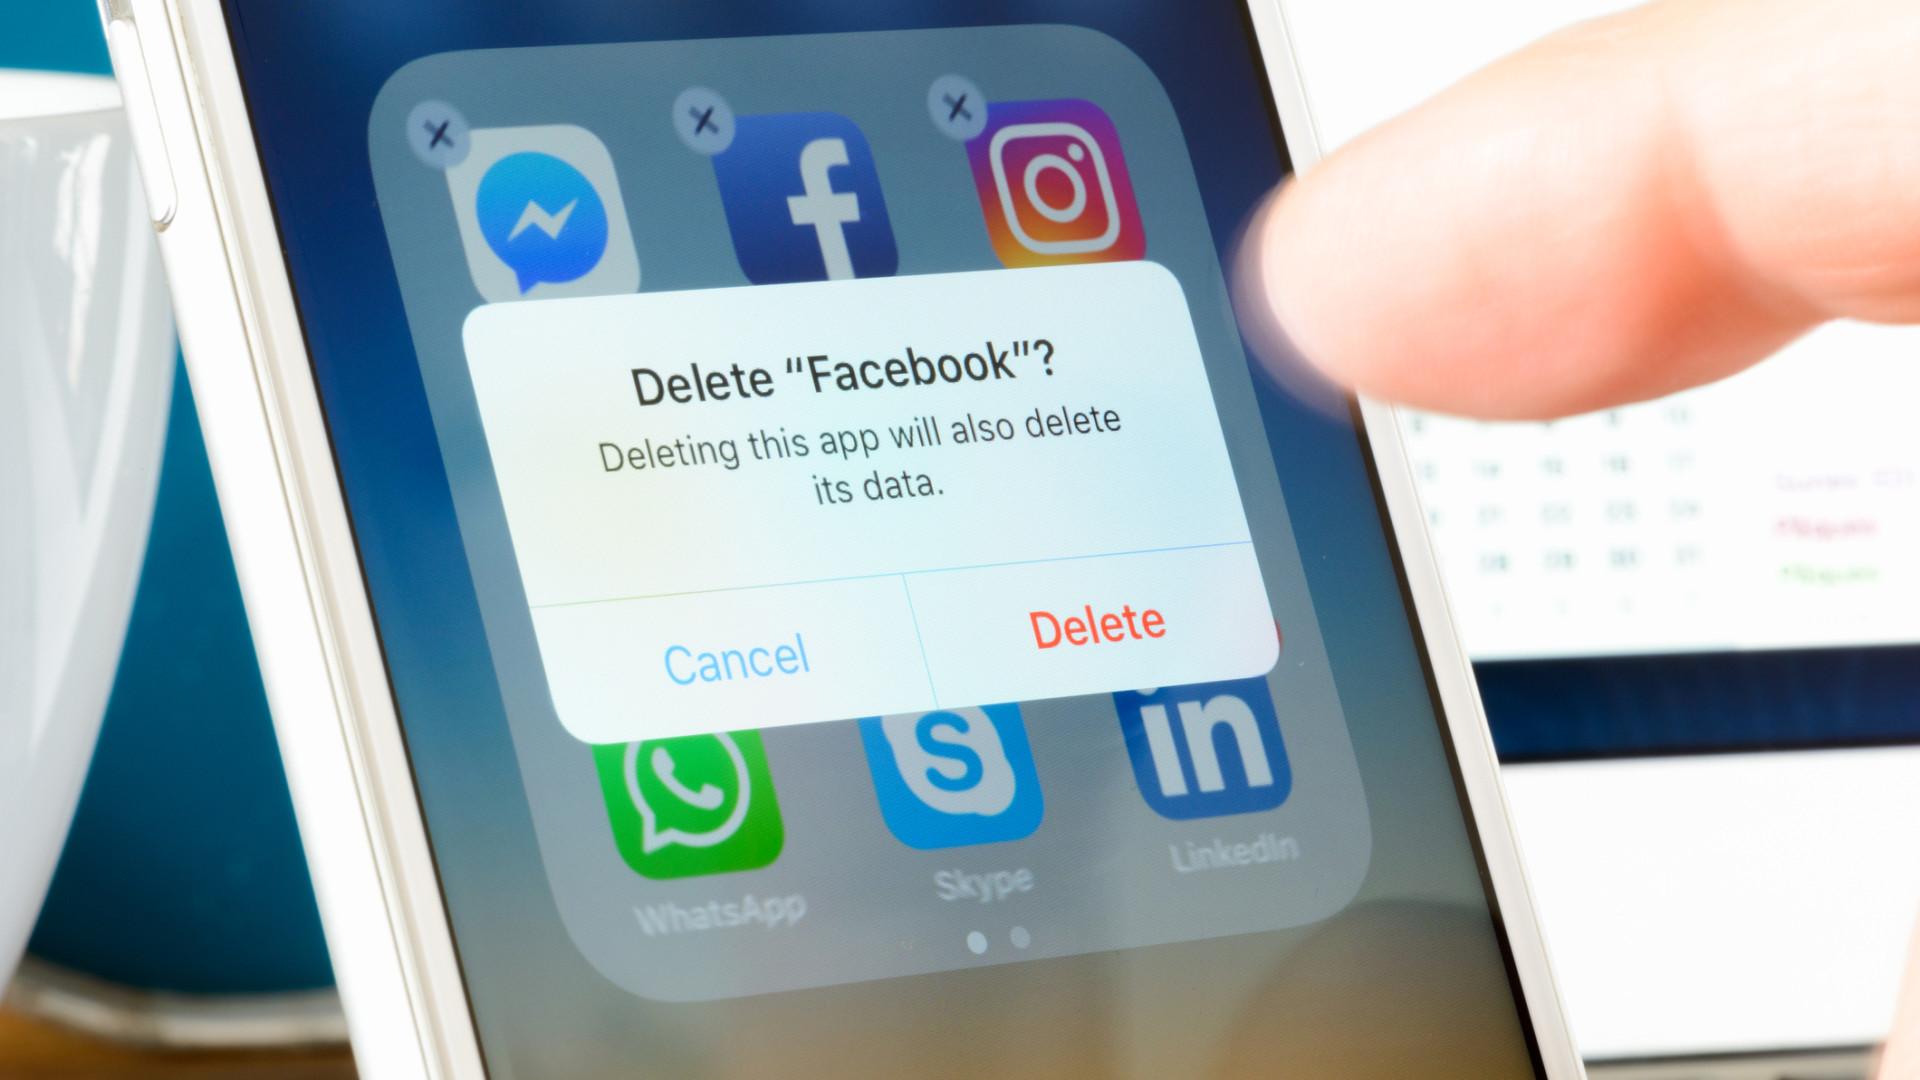 Se não quiser eliminar o Facebook, estes são os passos para o proteger